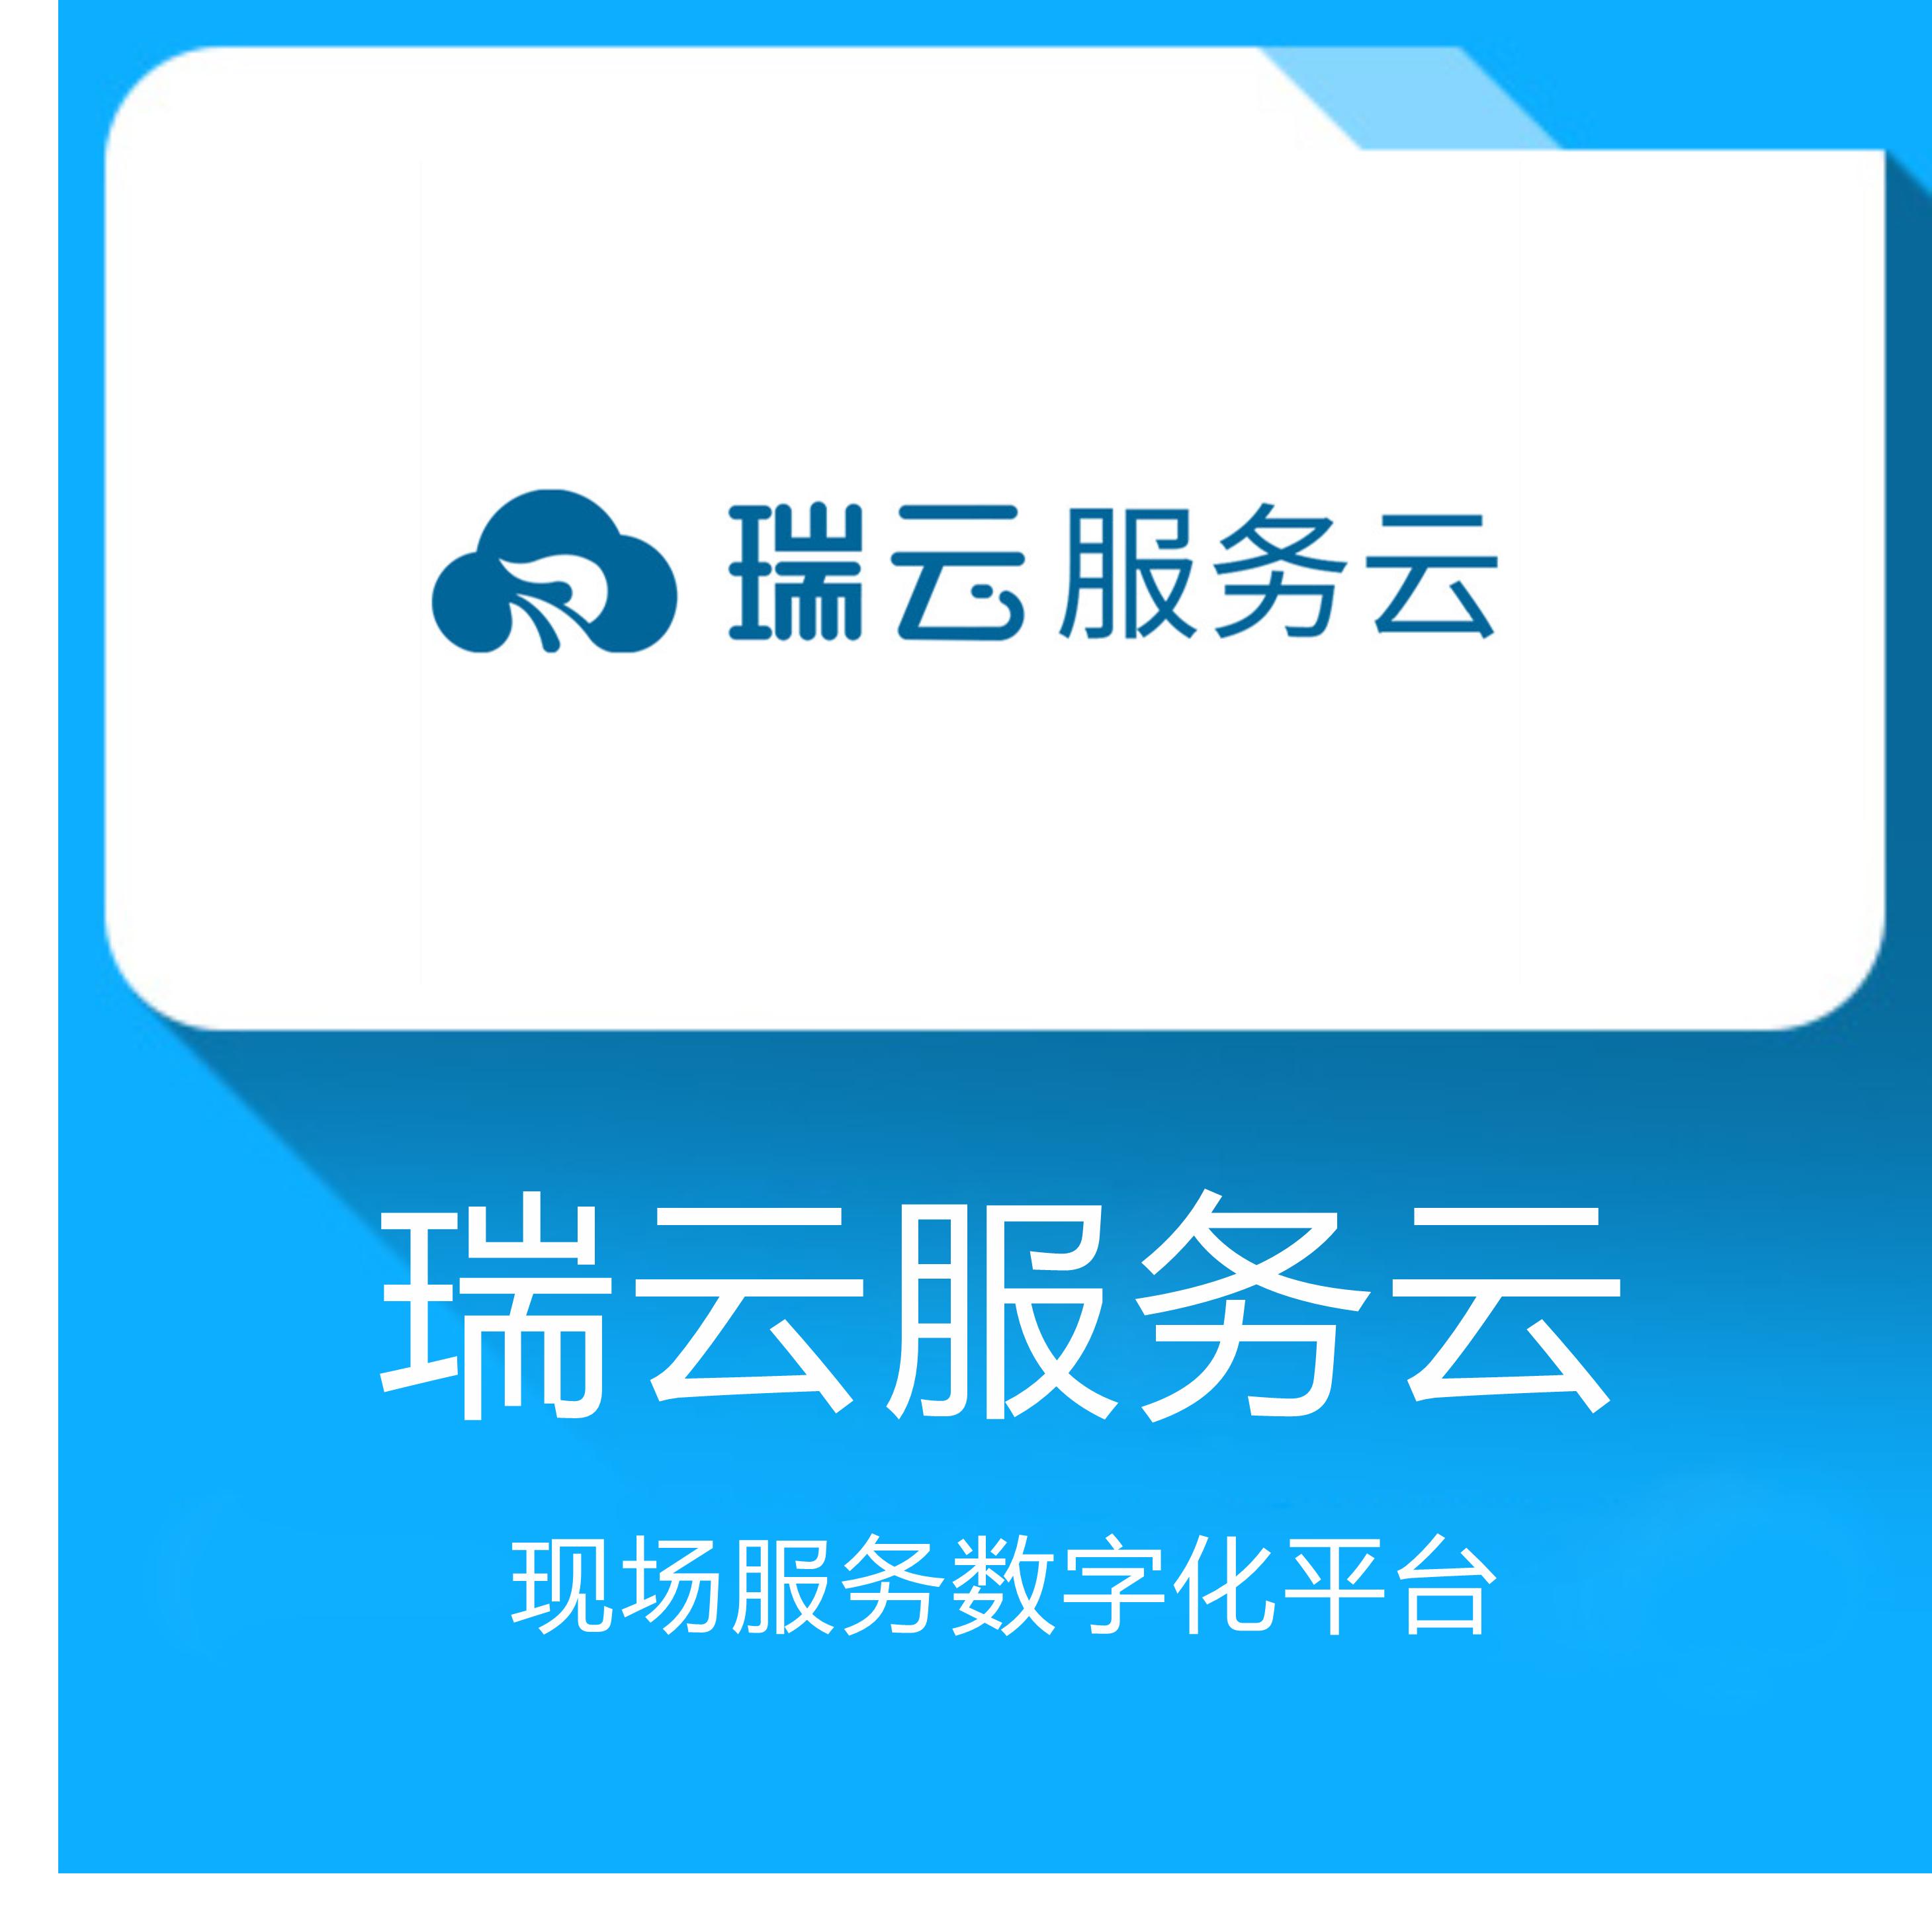 瑞云服务云-售后服务/现场服务数字化平台